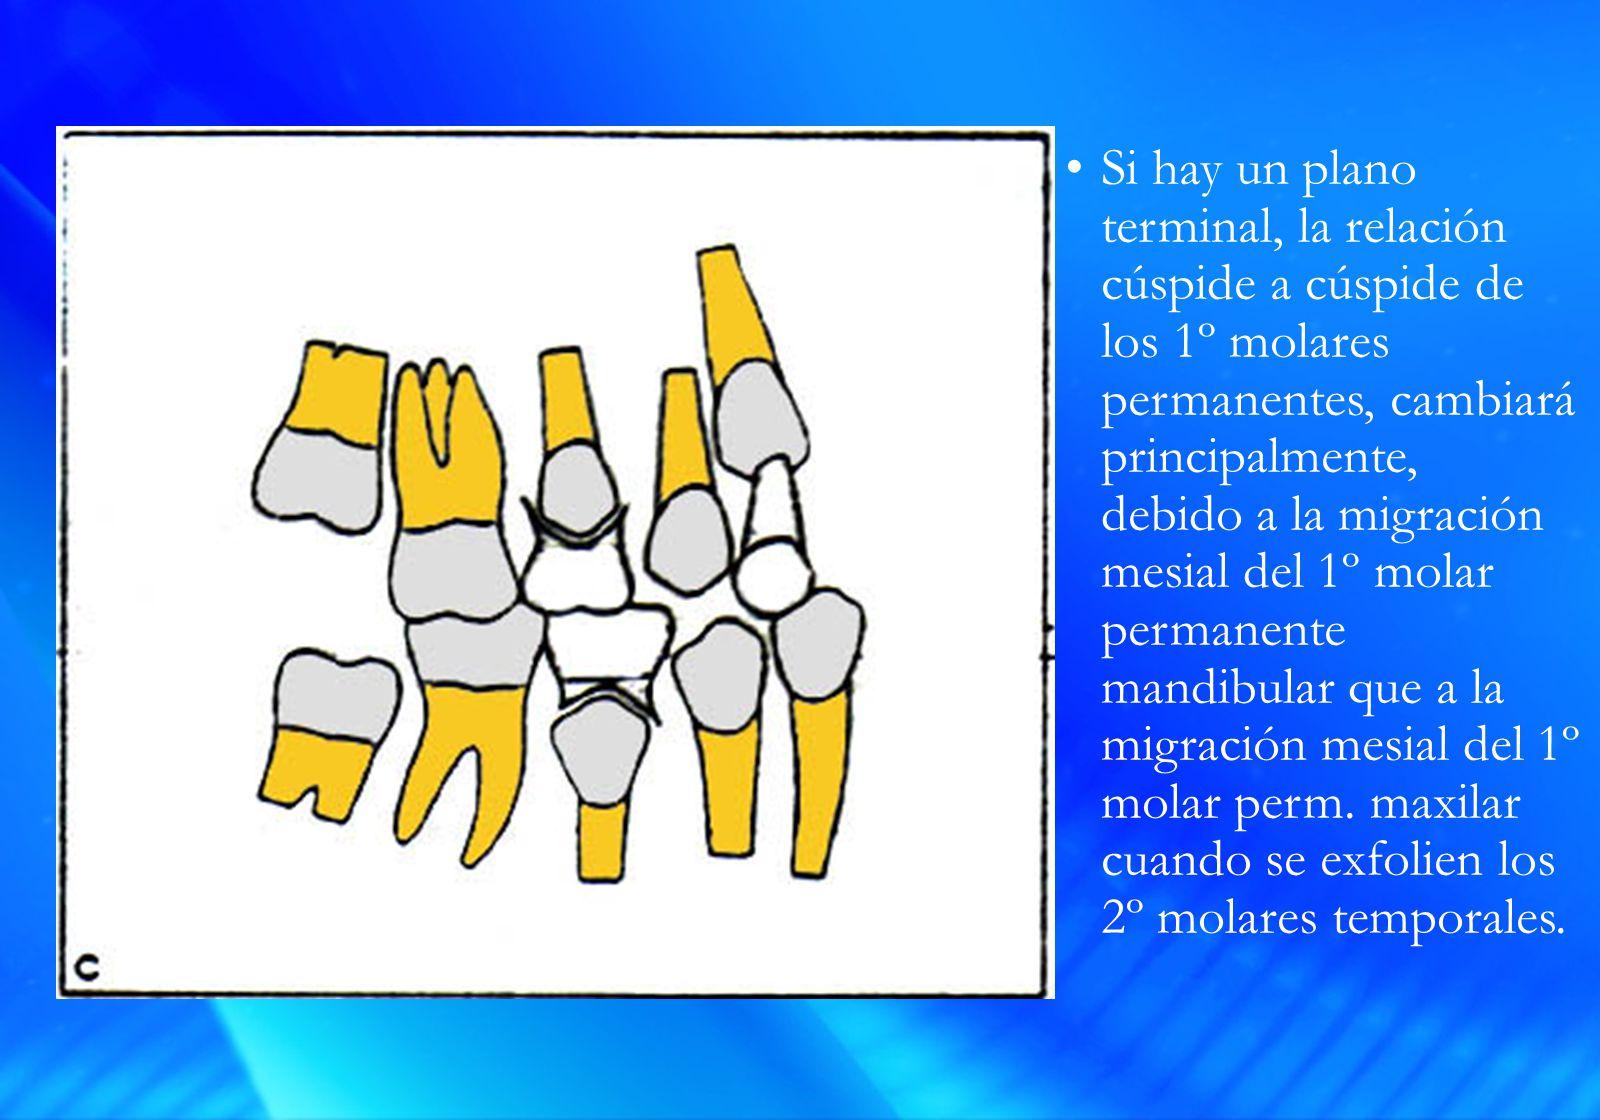 Si hay un plano terminal, la relación cúspide a cúspide de los 1º molares permanentes, cambiará principalmente, debido a la migración mesial del 1º molar permanente mandibular que a la migración mesial del 1º molar perm.